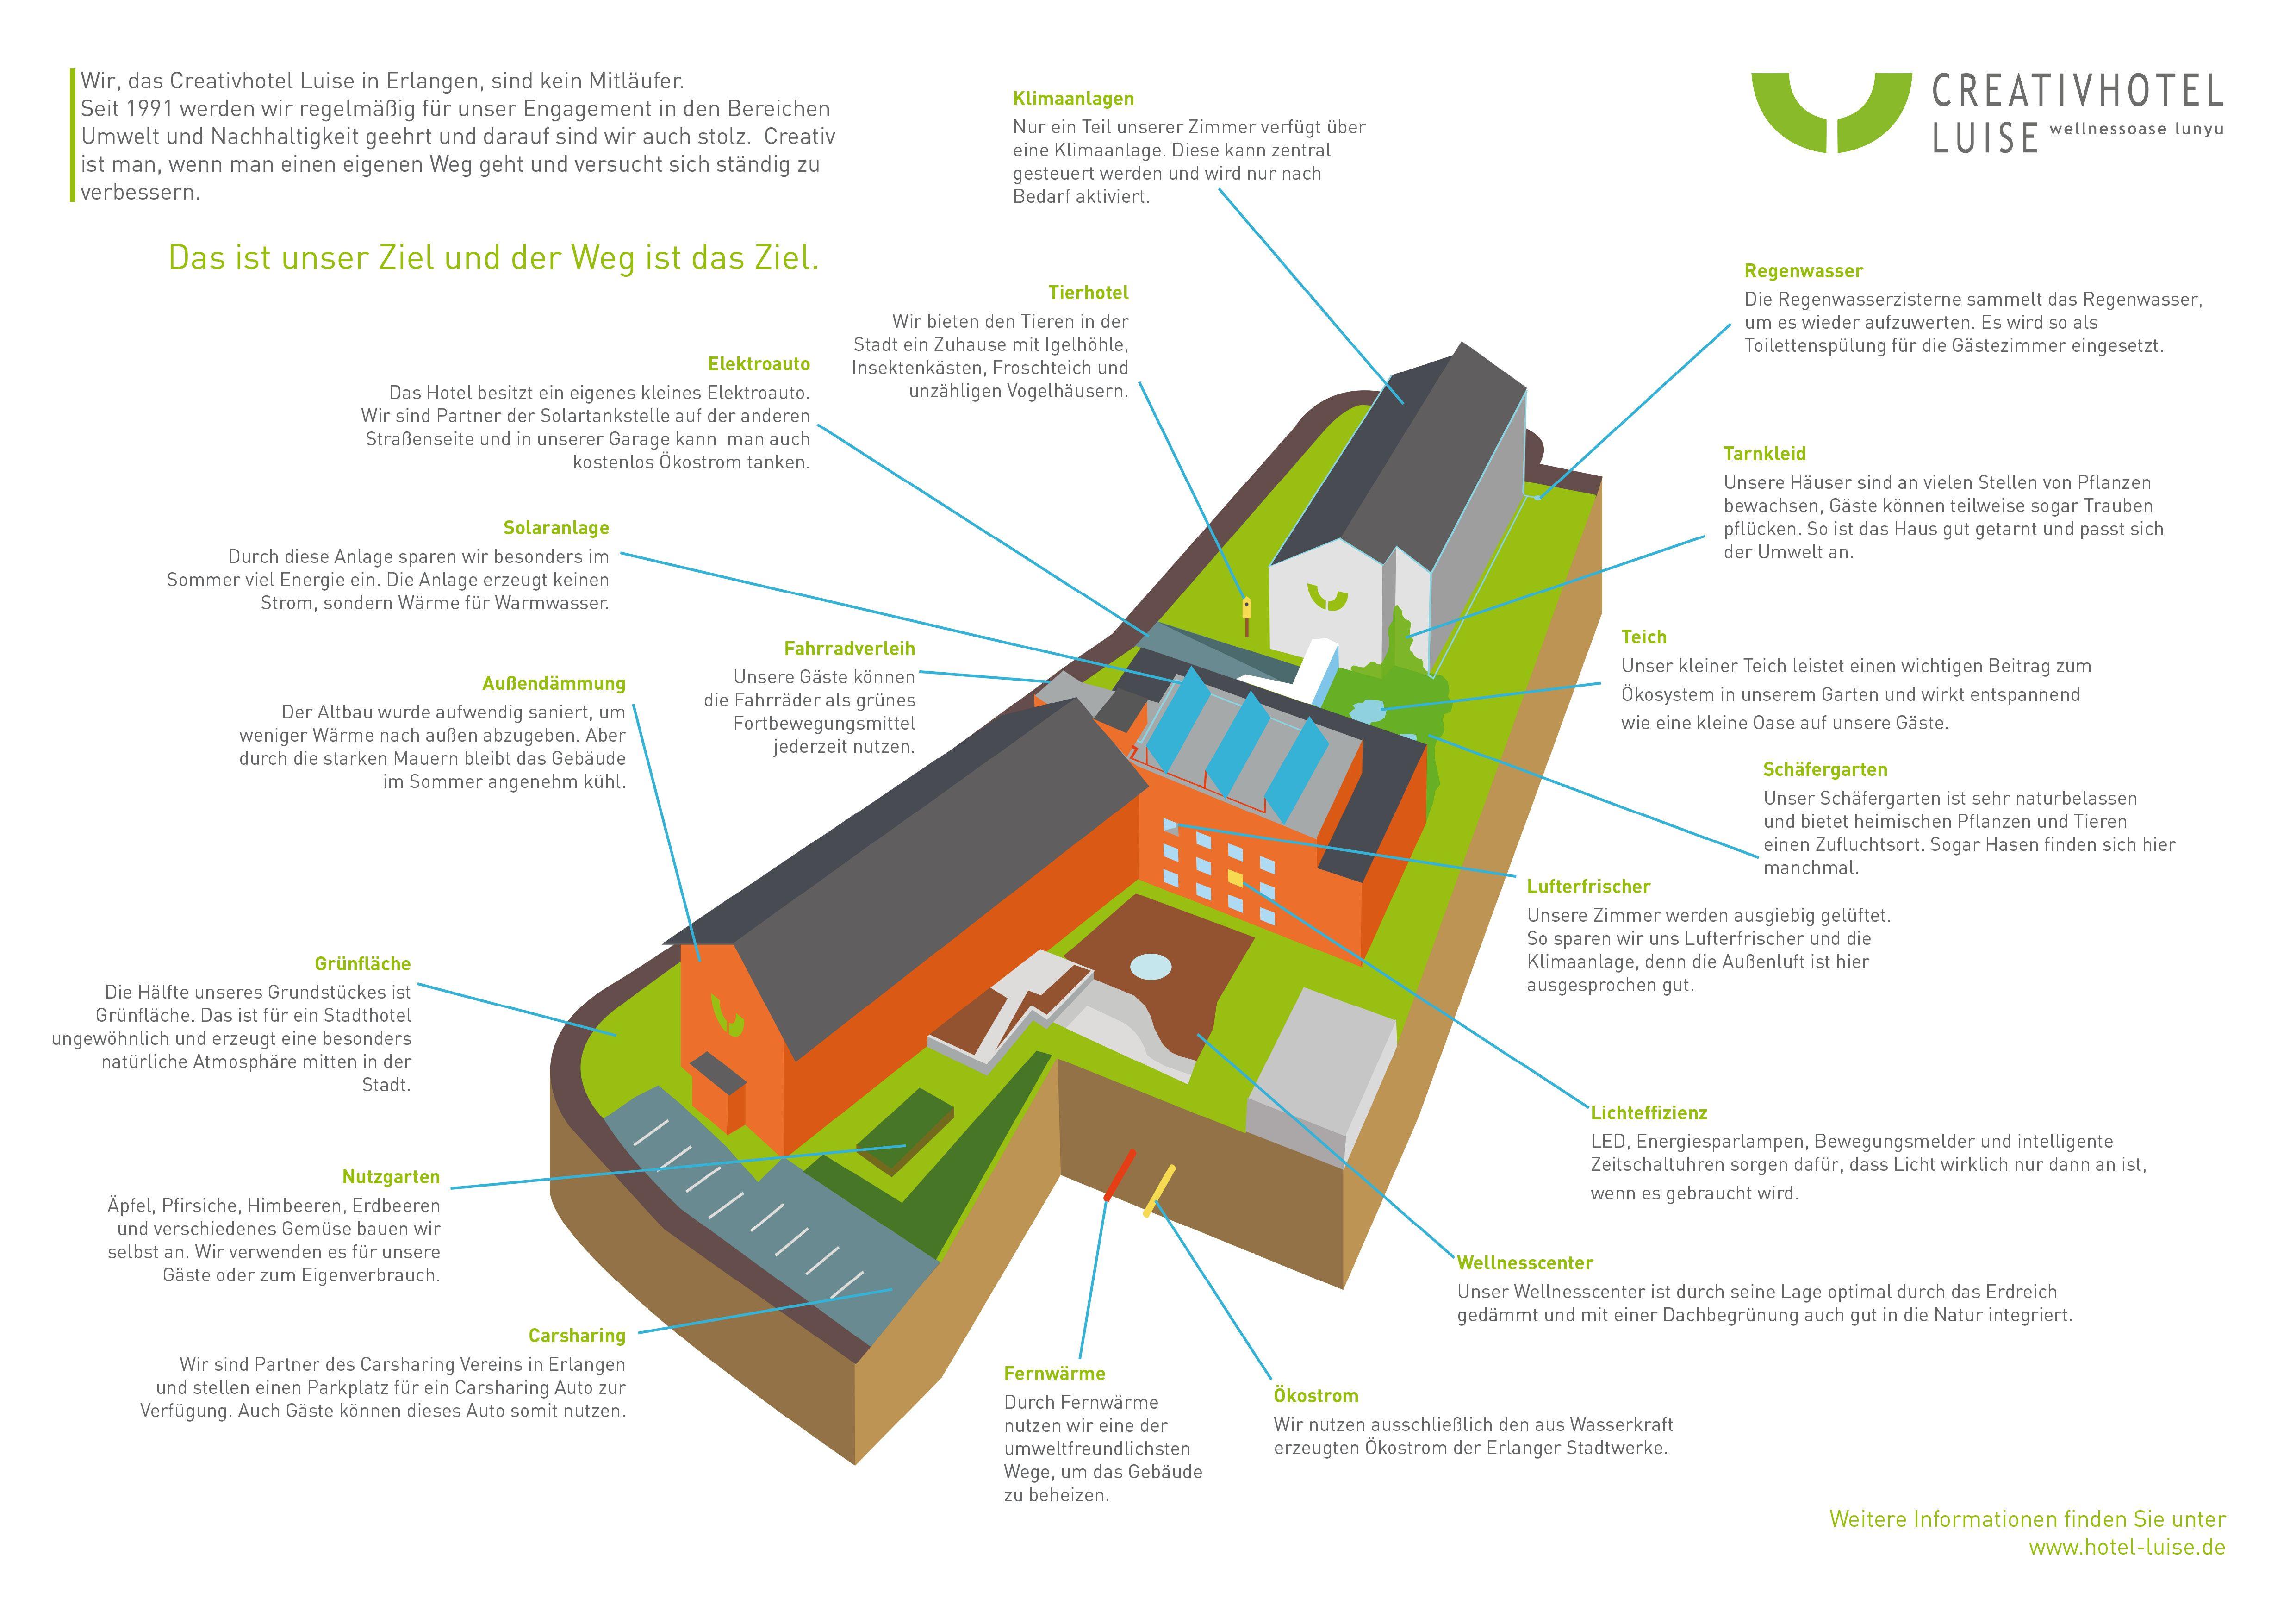 Infografik Creativhotel Luise Uber Nachhaltigkeit Bei Gebaude Und Garten Nachhaltigkeit Infografik Gebaude